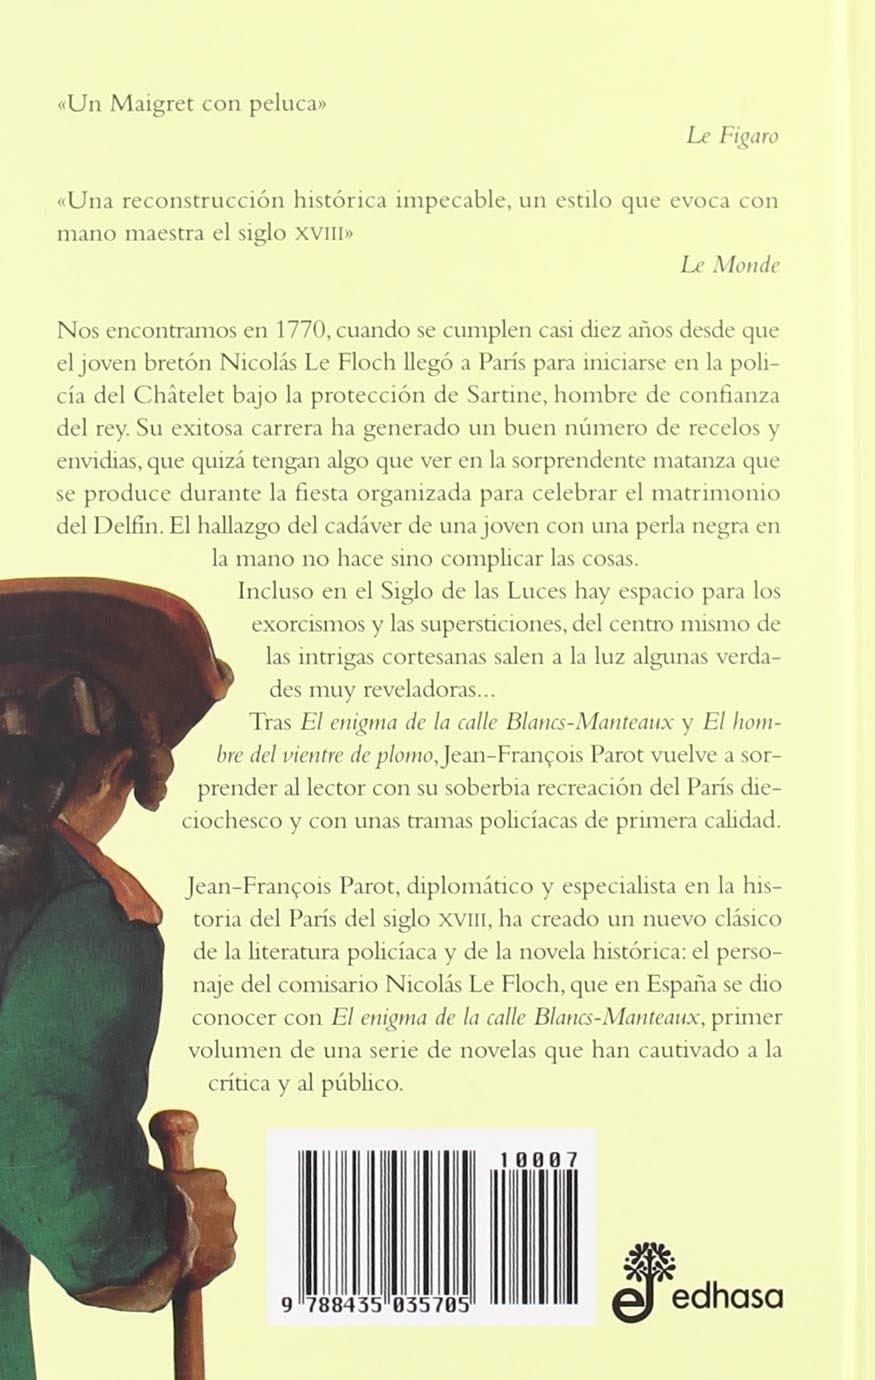 El fantasma de la calle Royale (III) (Series): Amazon.es: Jean-François Parot, Manuel Serrat Crespo: Libros